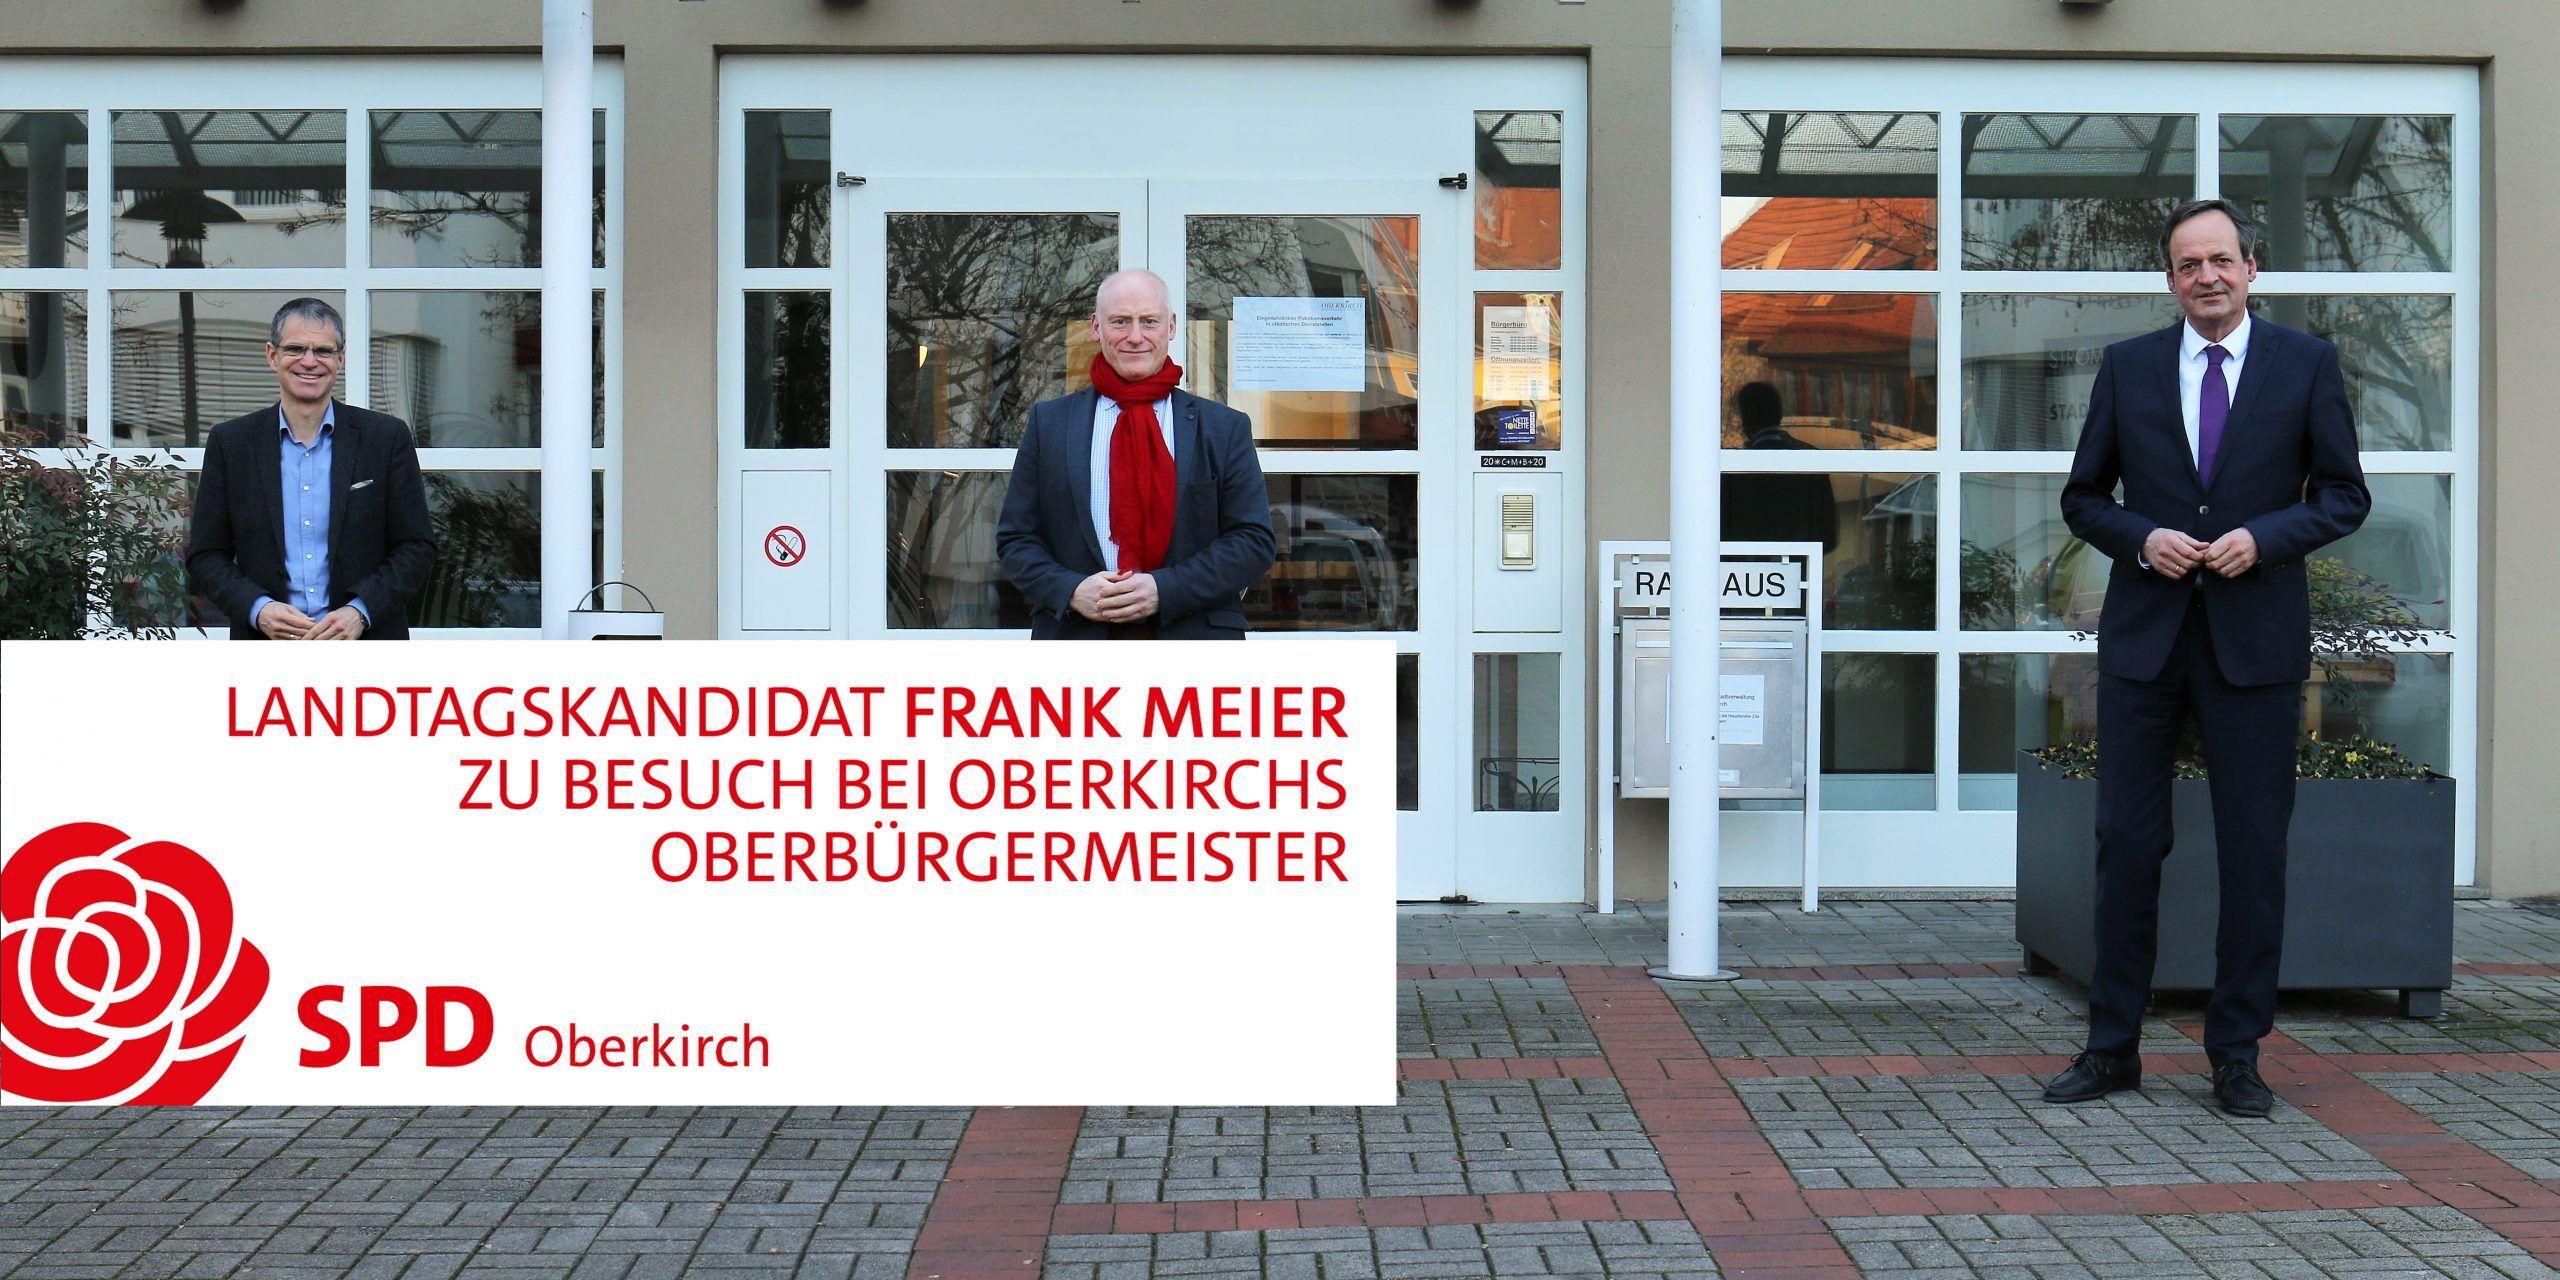 von links: Christoph Lipps (Bürgermeister von Oberkirch), Frank Meier (SPD-Kandidat für die Landtagswahlen 2021) und Matthias Braun (Oberbürgermeister von Oberkirch)